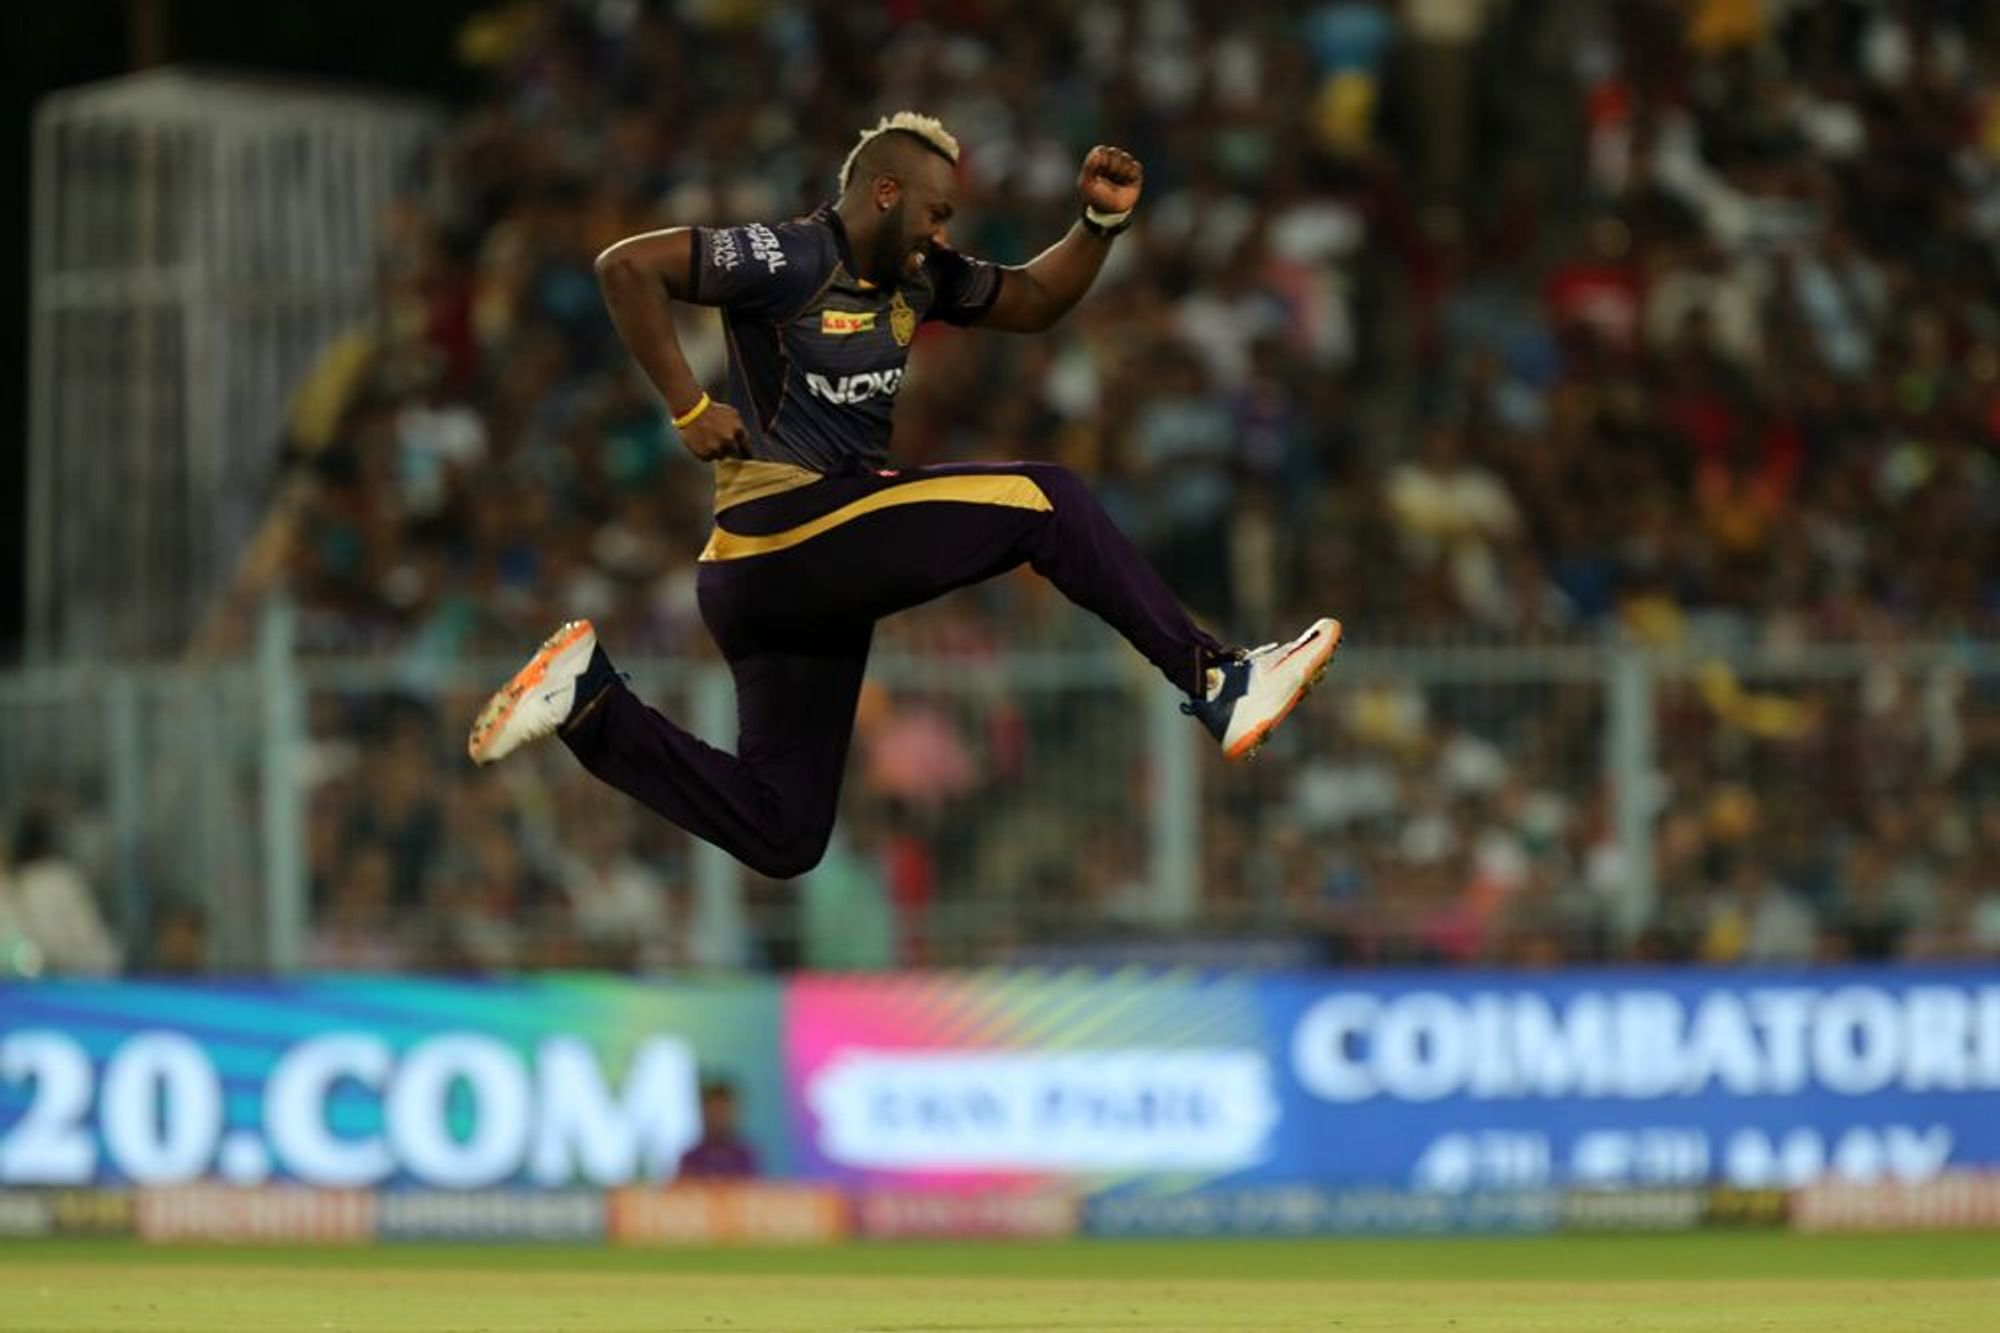 KKRvsMI : 'मैन ऑफ द मैच' आंद्रे रसेल ने बताया अपनी तूफानी बल्लेबाजी का असली राज 3